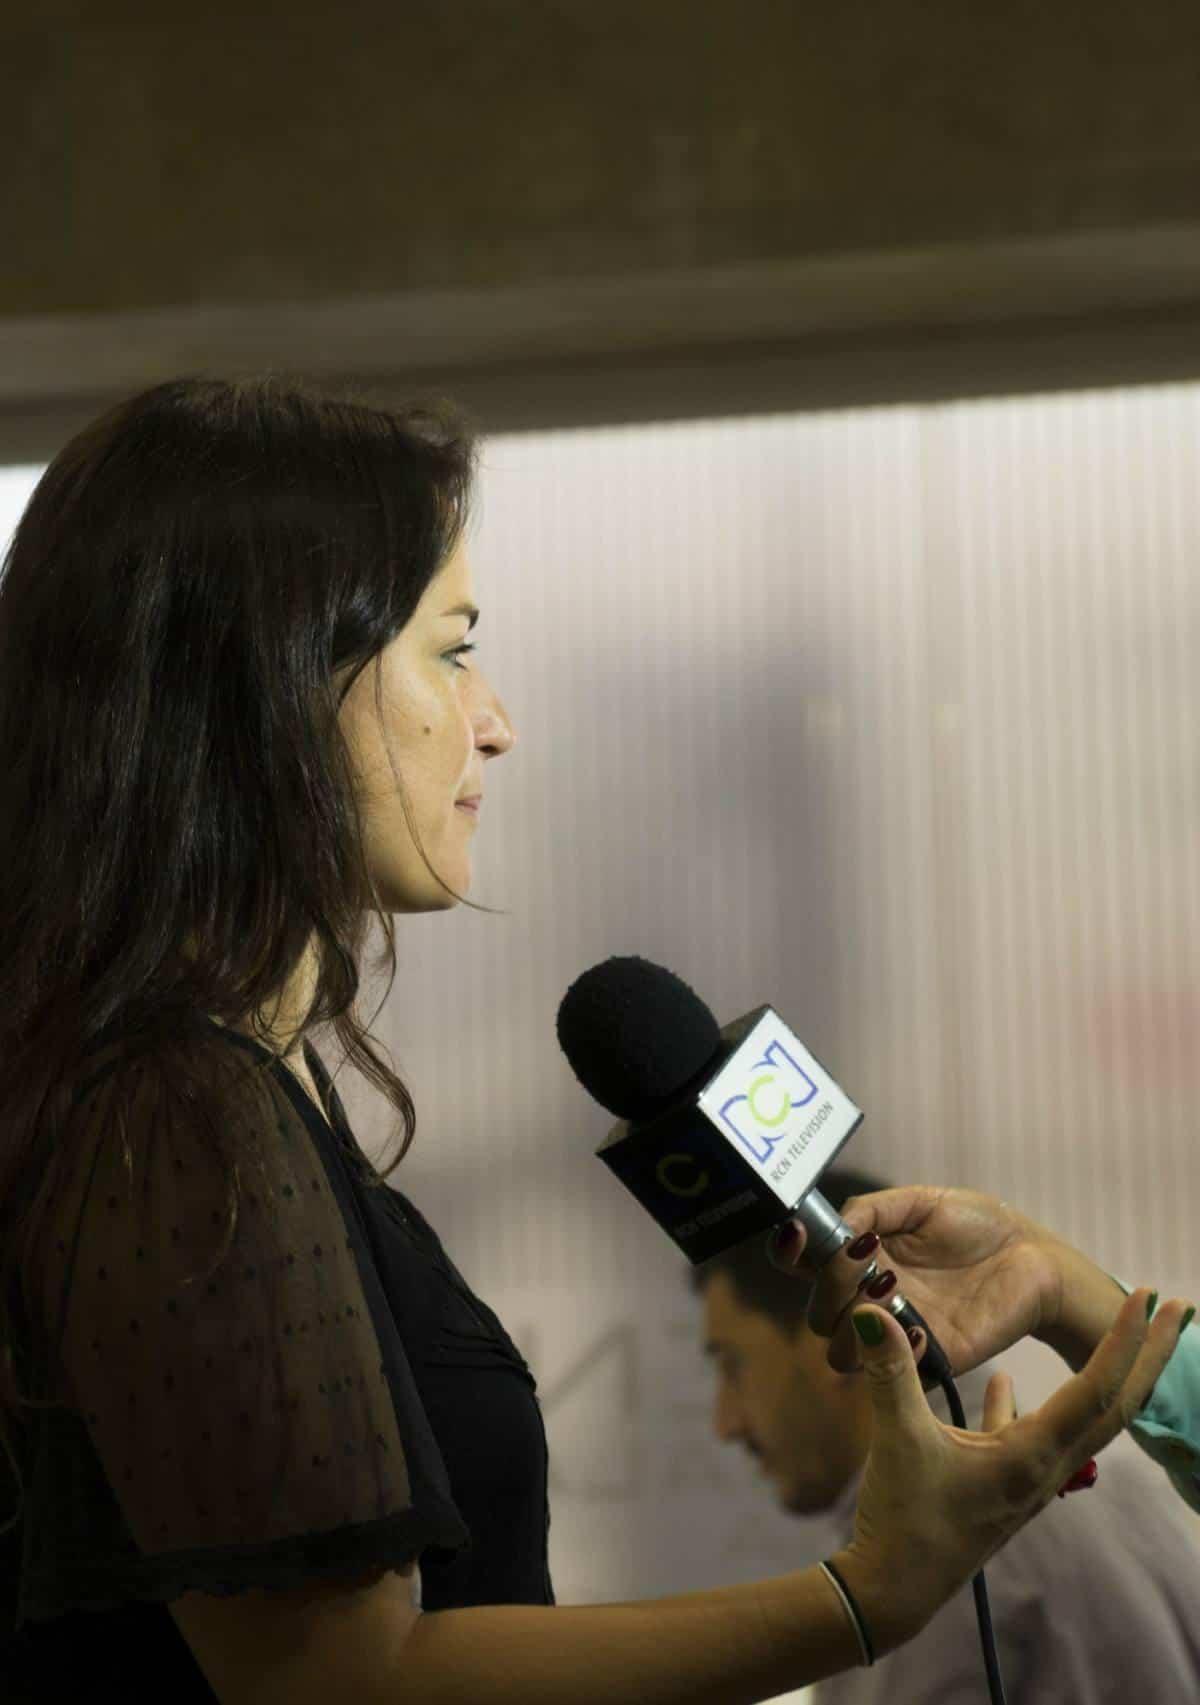 Rueda de prensa con los ganadores de las categorías del Premio: Texto, Imagen, Cobertura, Innovación y Excelencia. Foto: Isabel Tobón/ FNPI.